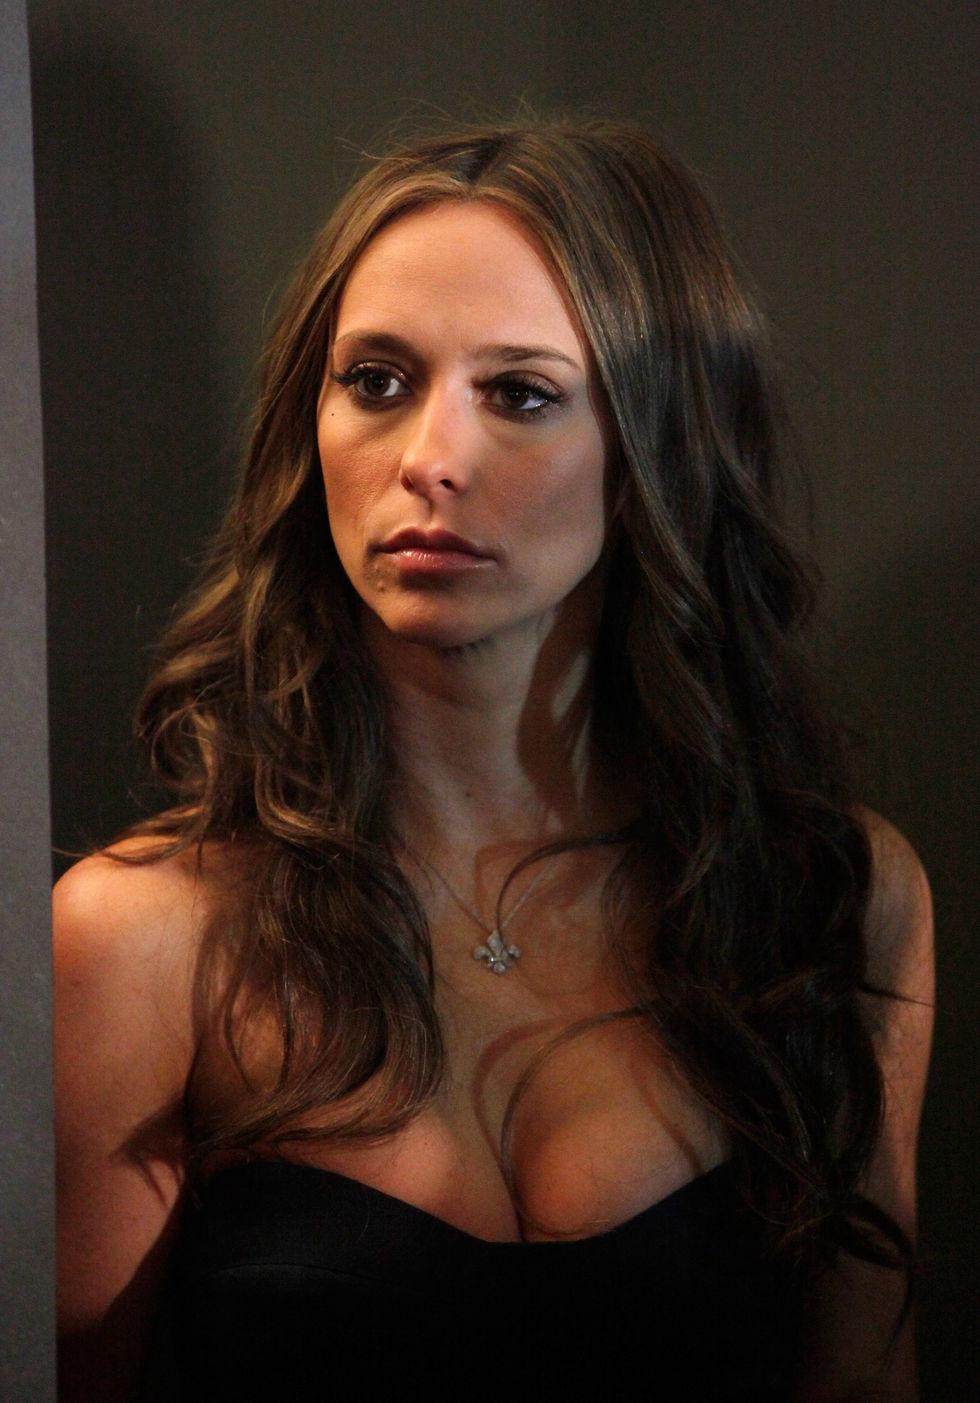 Jennifer Love Hewitt Lesbian Kiss 39